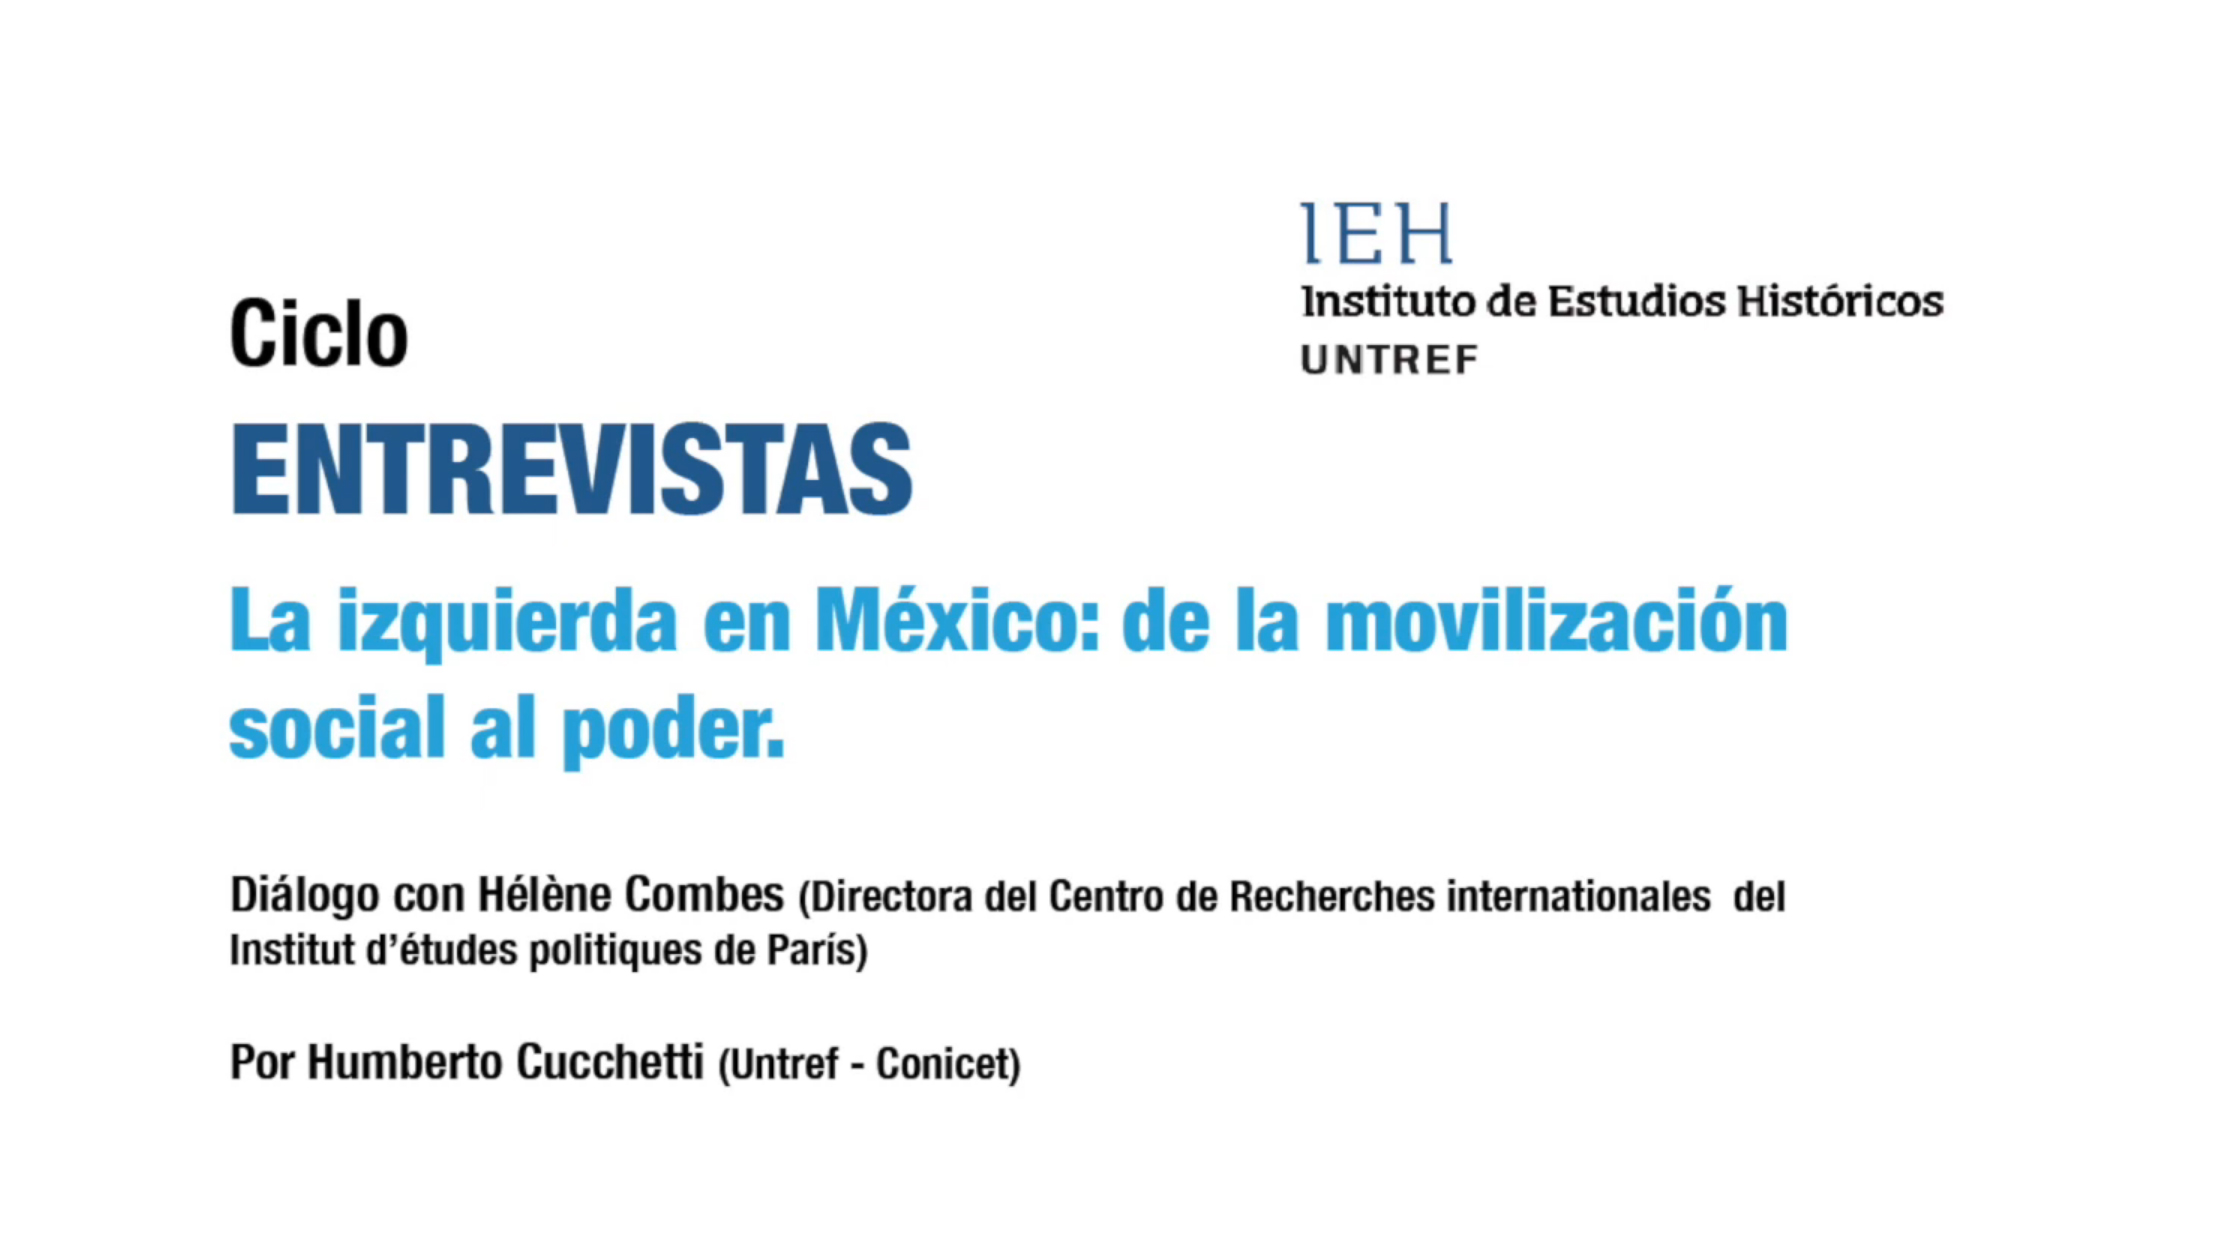 """Consulta la entrevista a Hélène Combes: """"La izquierda en México..."""""""